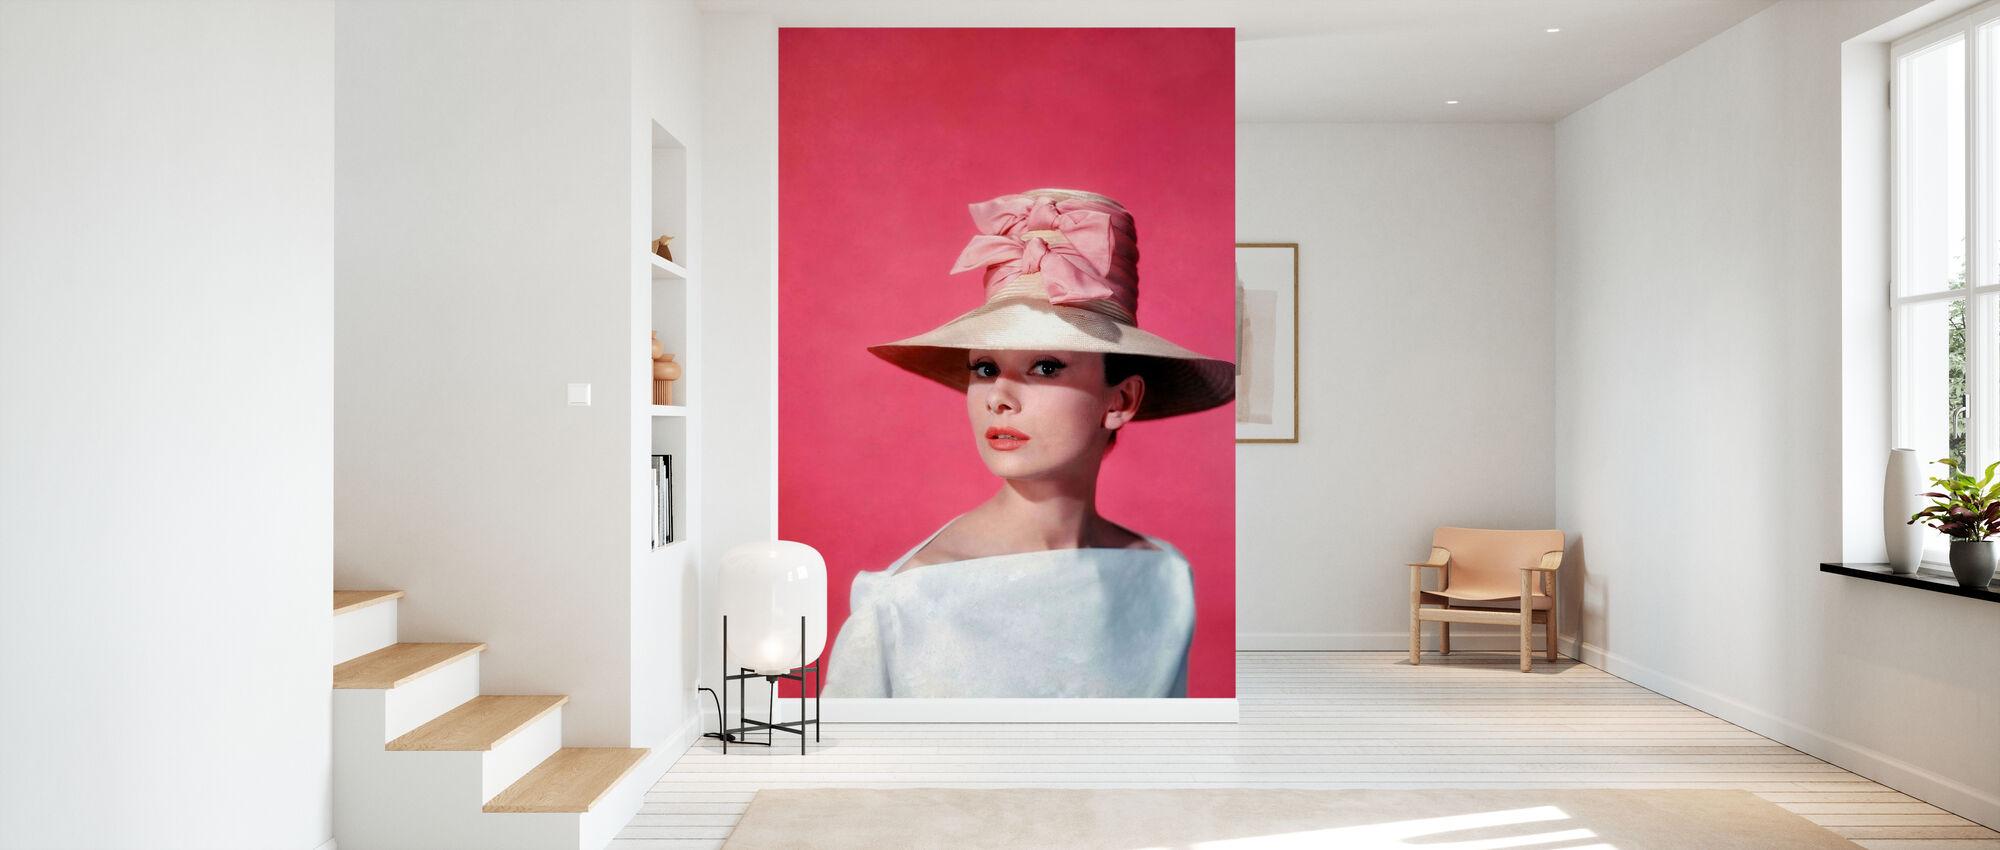 Audrey Hepburn in Funny Face - Wallpaper - Hallway